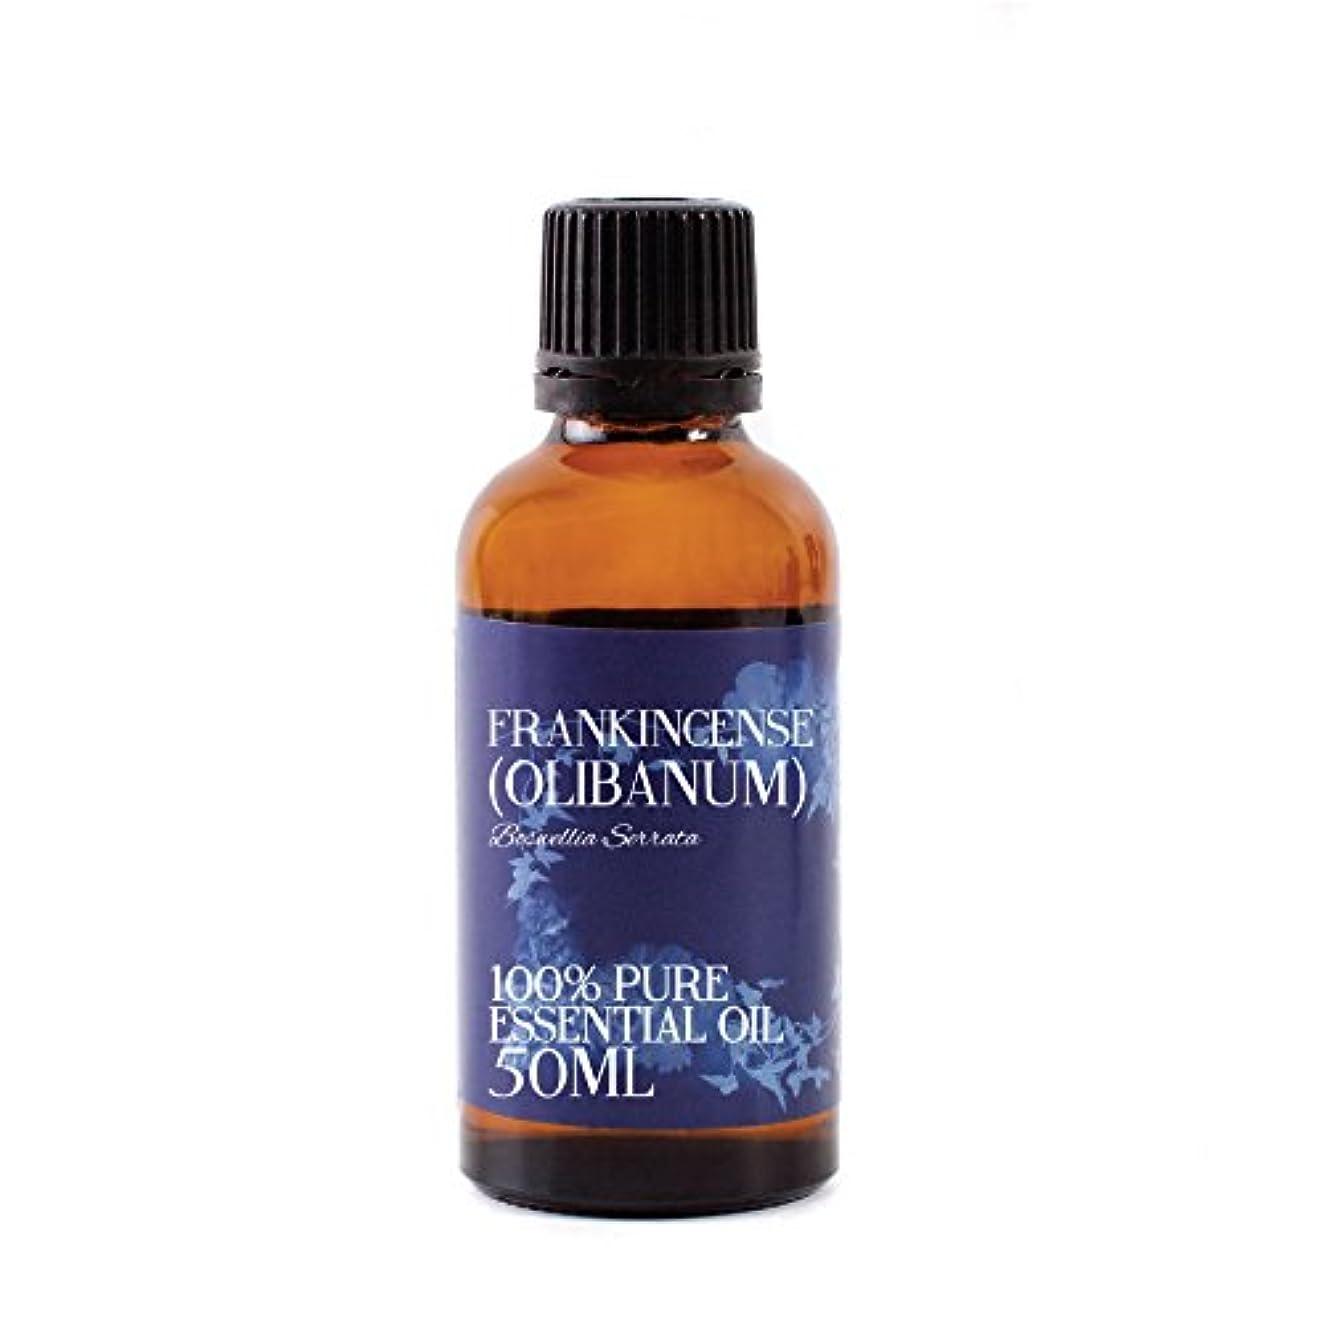 興奮する変成器懇願するMystic Moments | Frankincense Olibanum Essential Oil - 50ml - 100% Pure